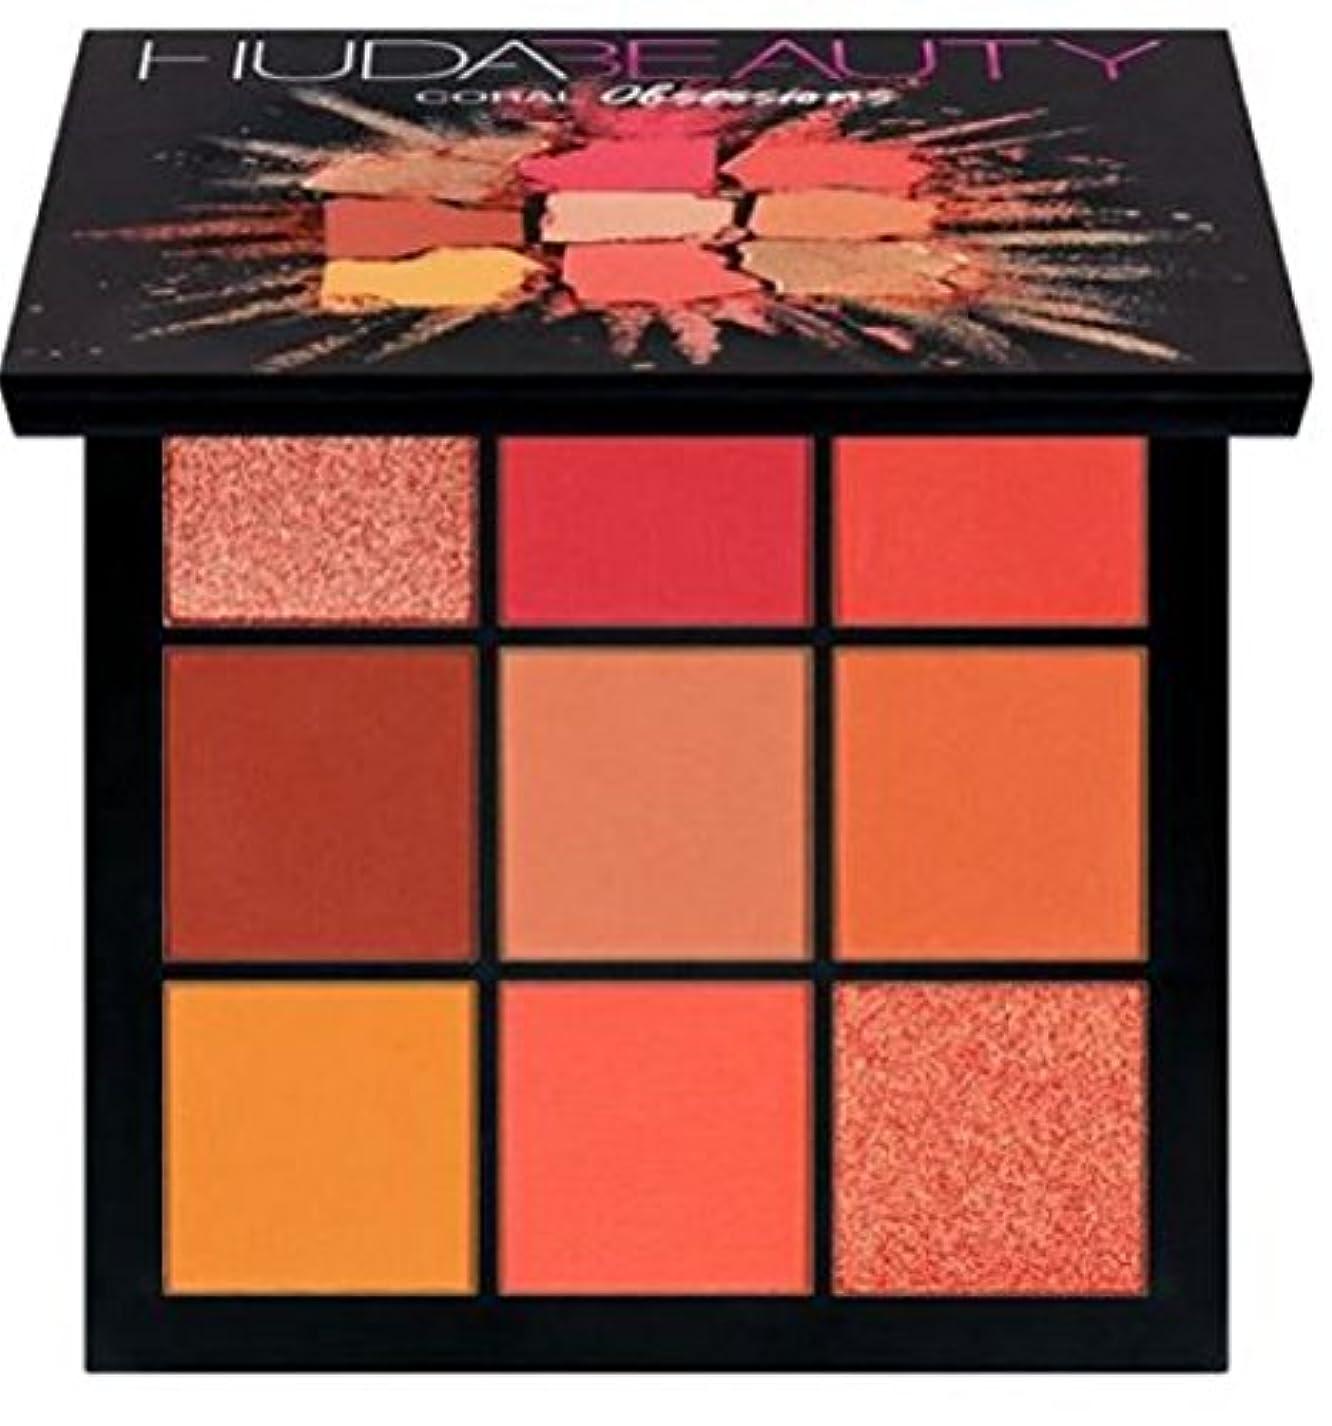 提供表現口頭Exclusive NEW Huda Beauty Coral Obsessions Eyeshadow Palette